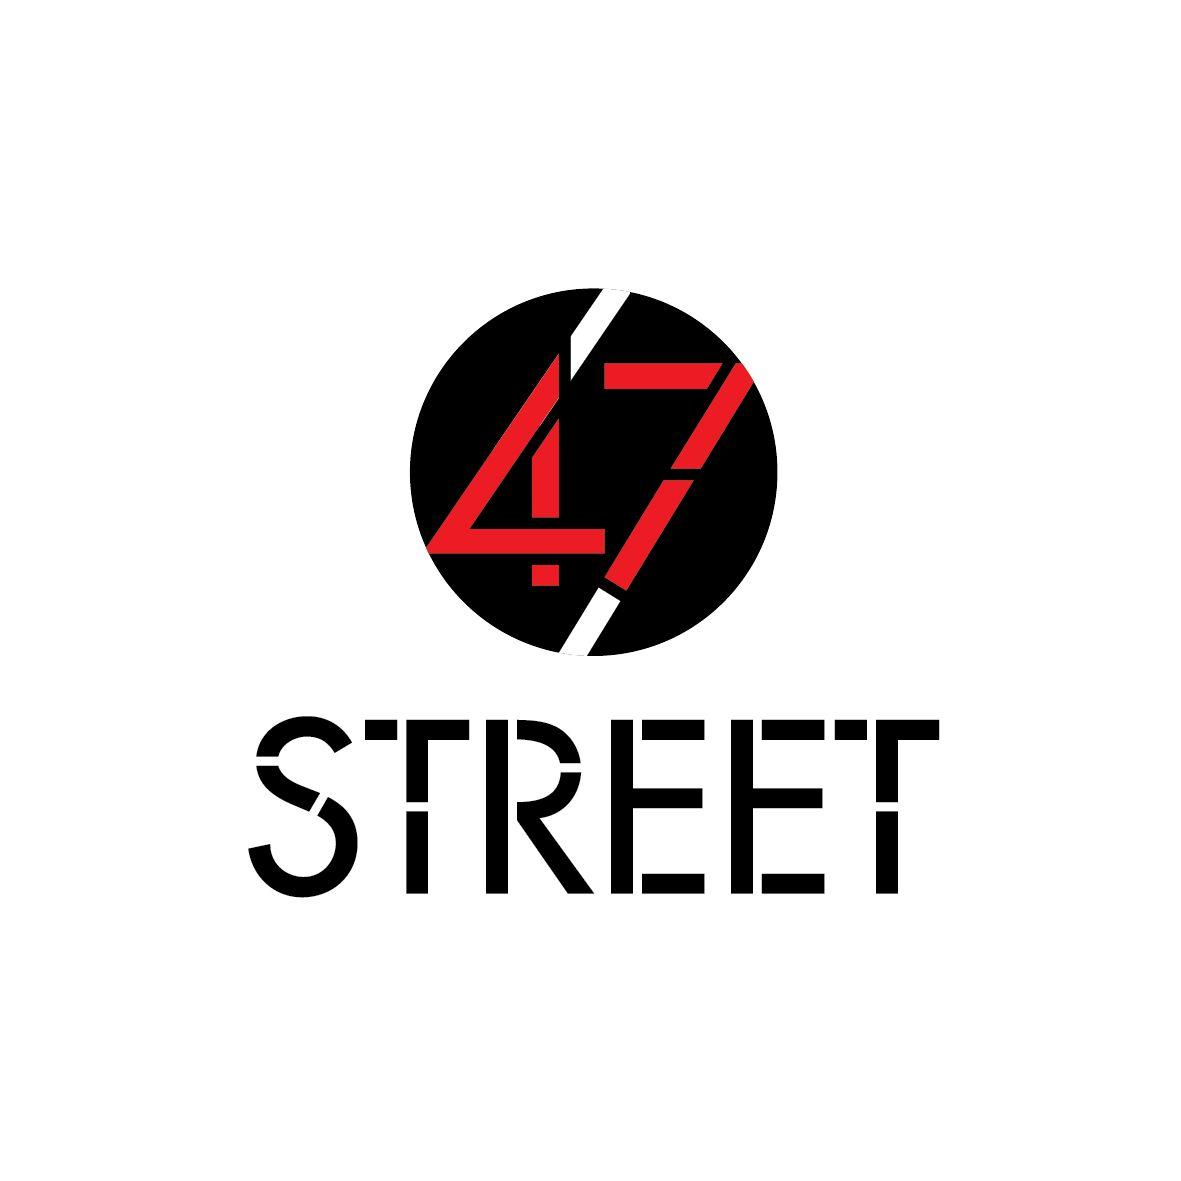 Разработка логотипа студии веб-разработки - дизайнер kit-design